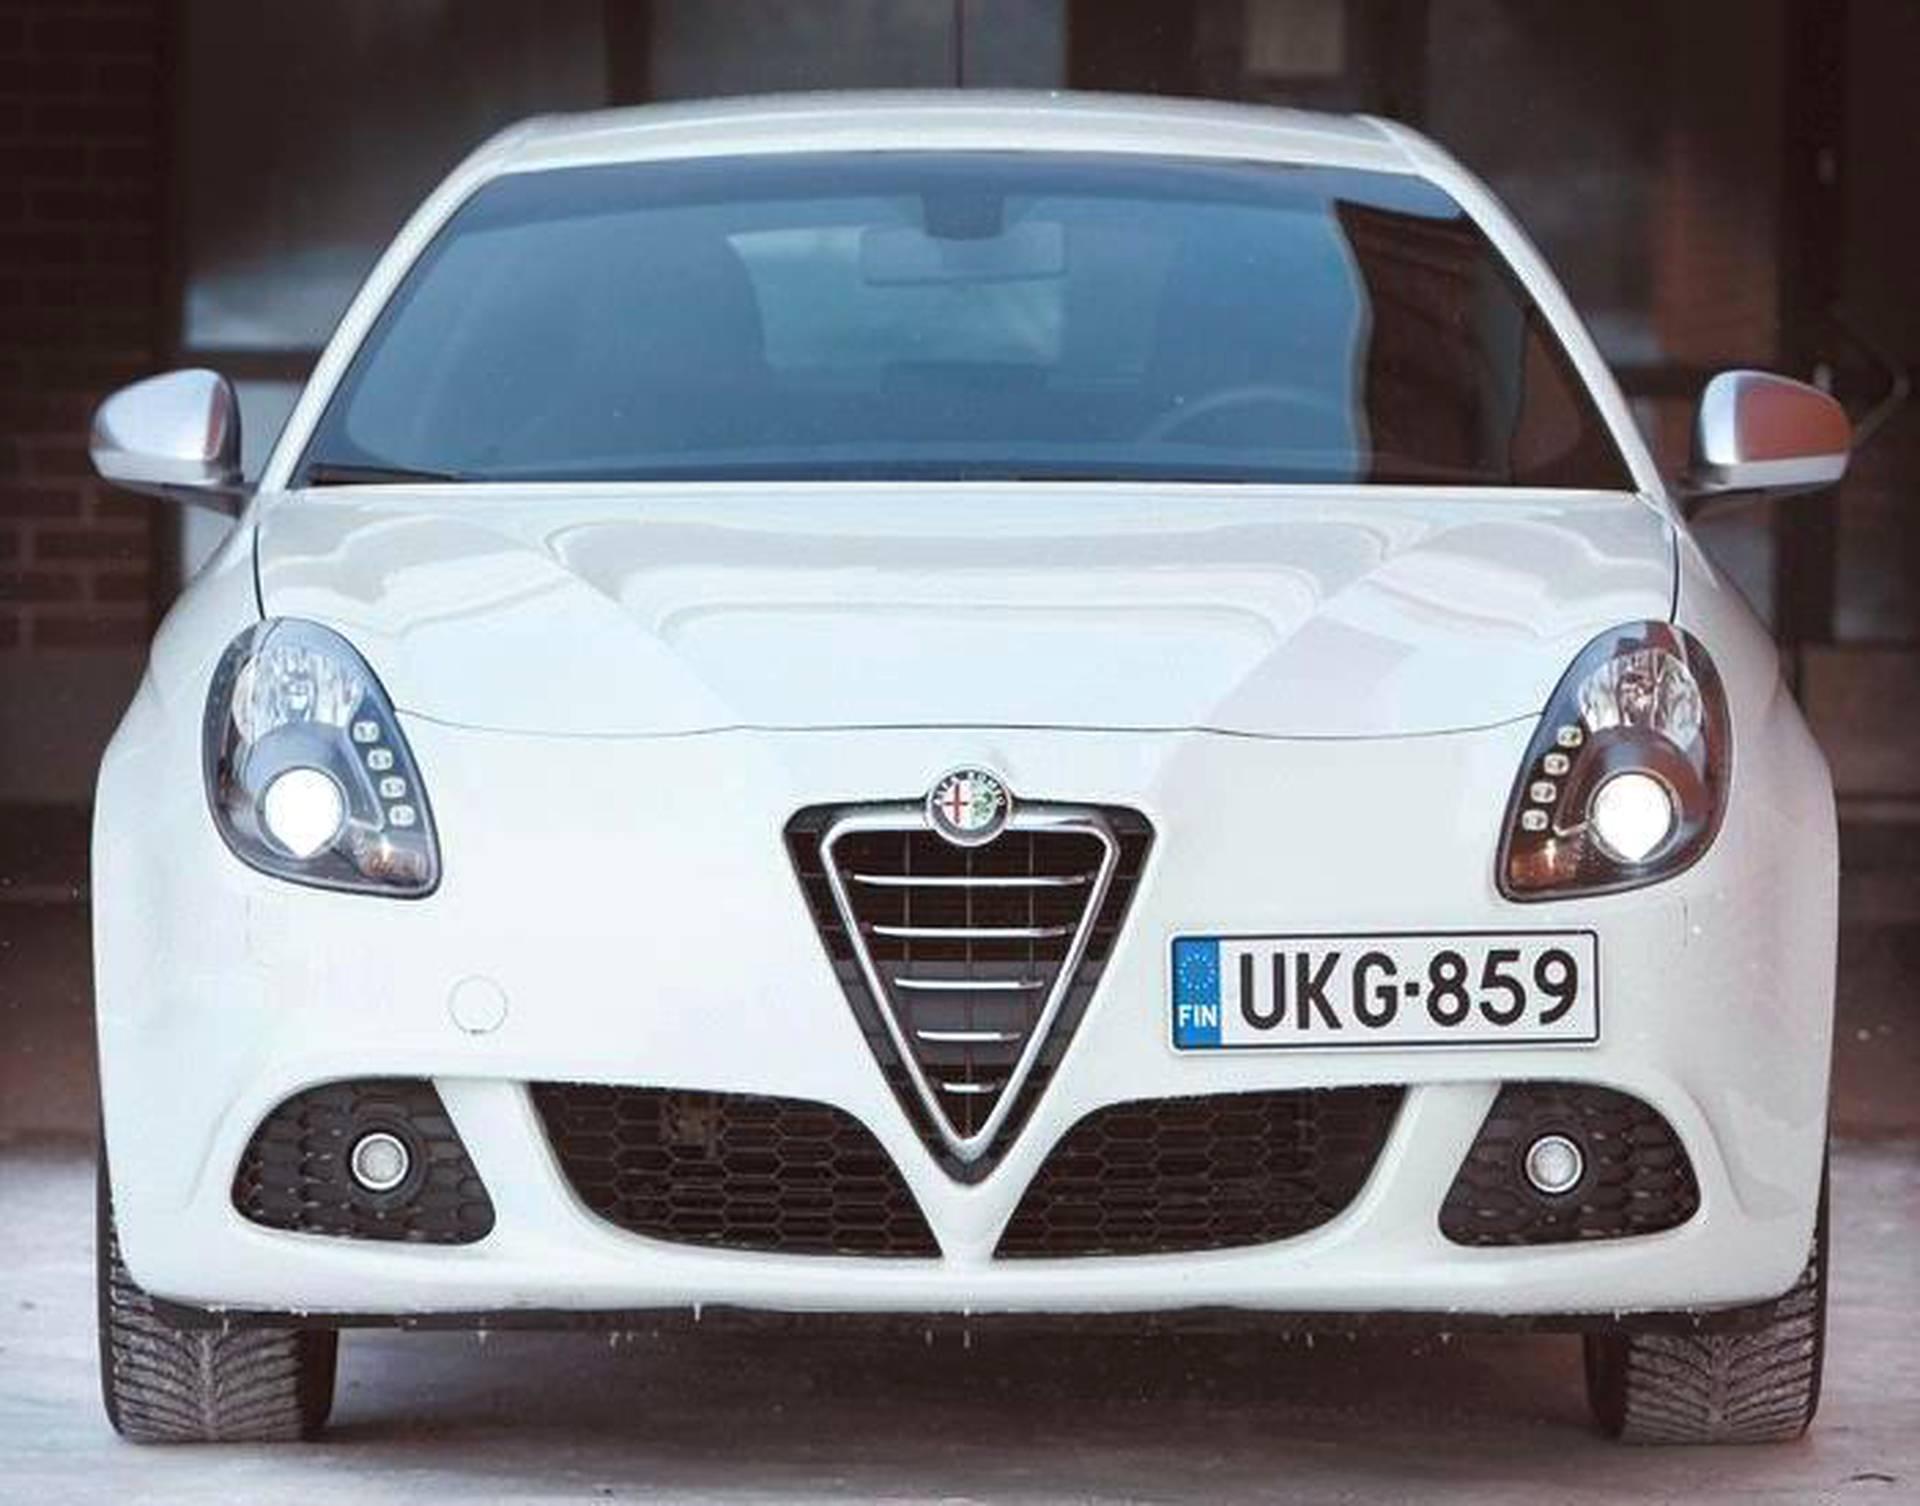 Alfa Romeo Giulietta >> Alfa Romeo Giulietta On Hyva Yleisauto Urheilullisuudesta